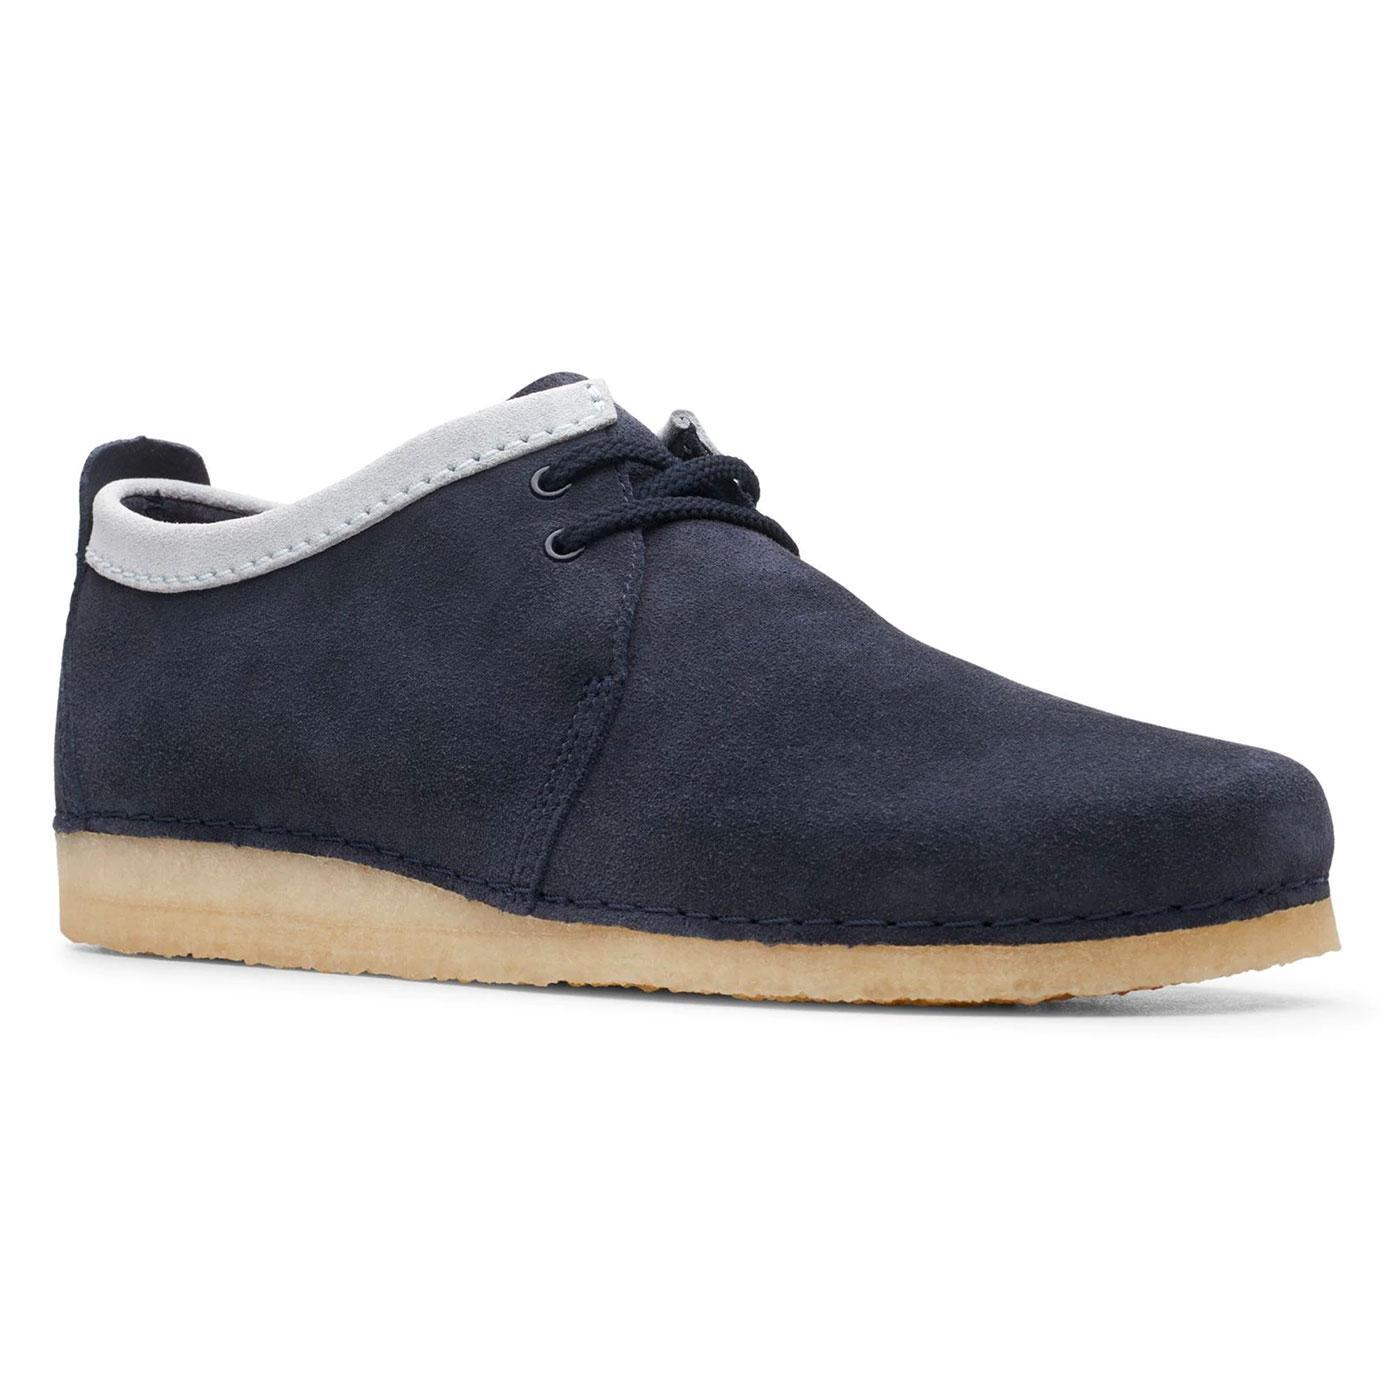 Ashton CLARKS ORIGINALS Retro Mod Navy Suede Shoes